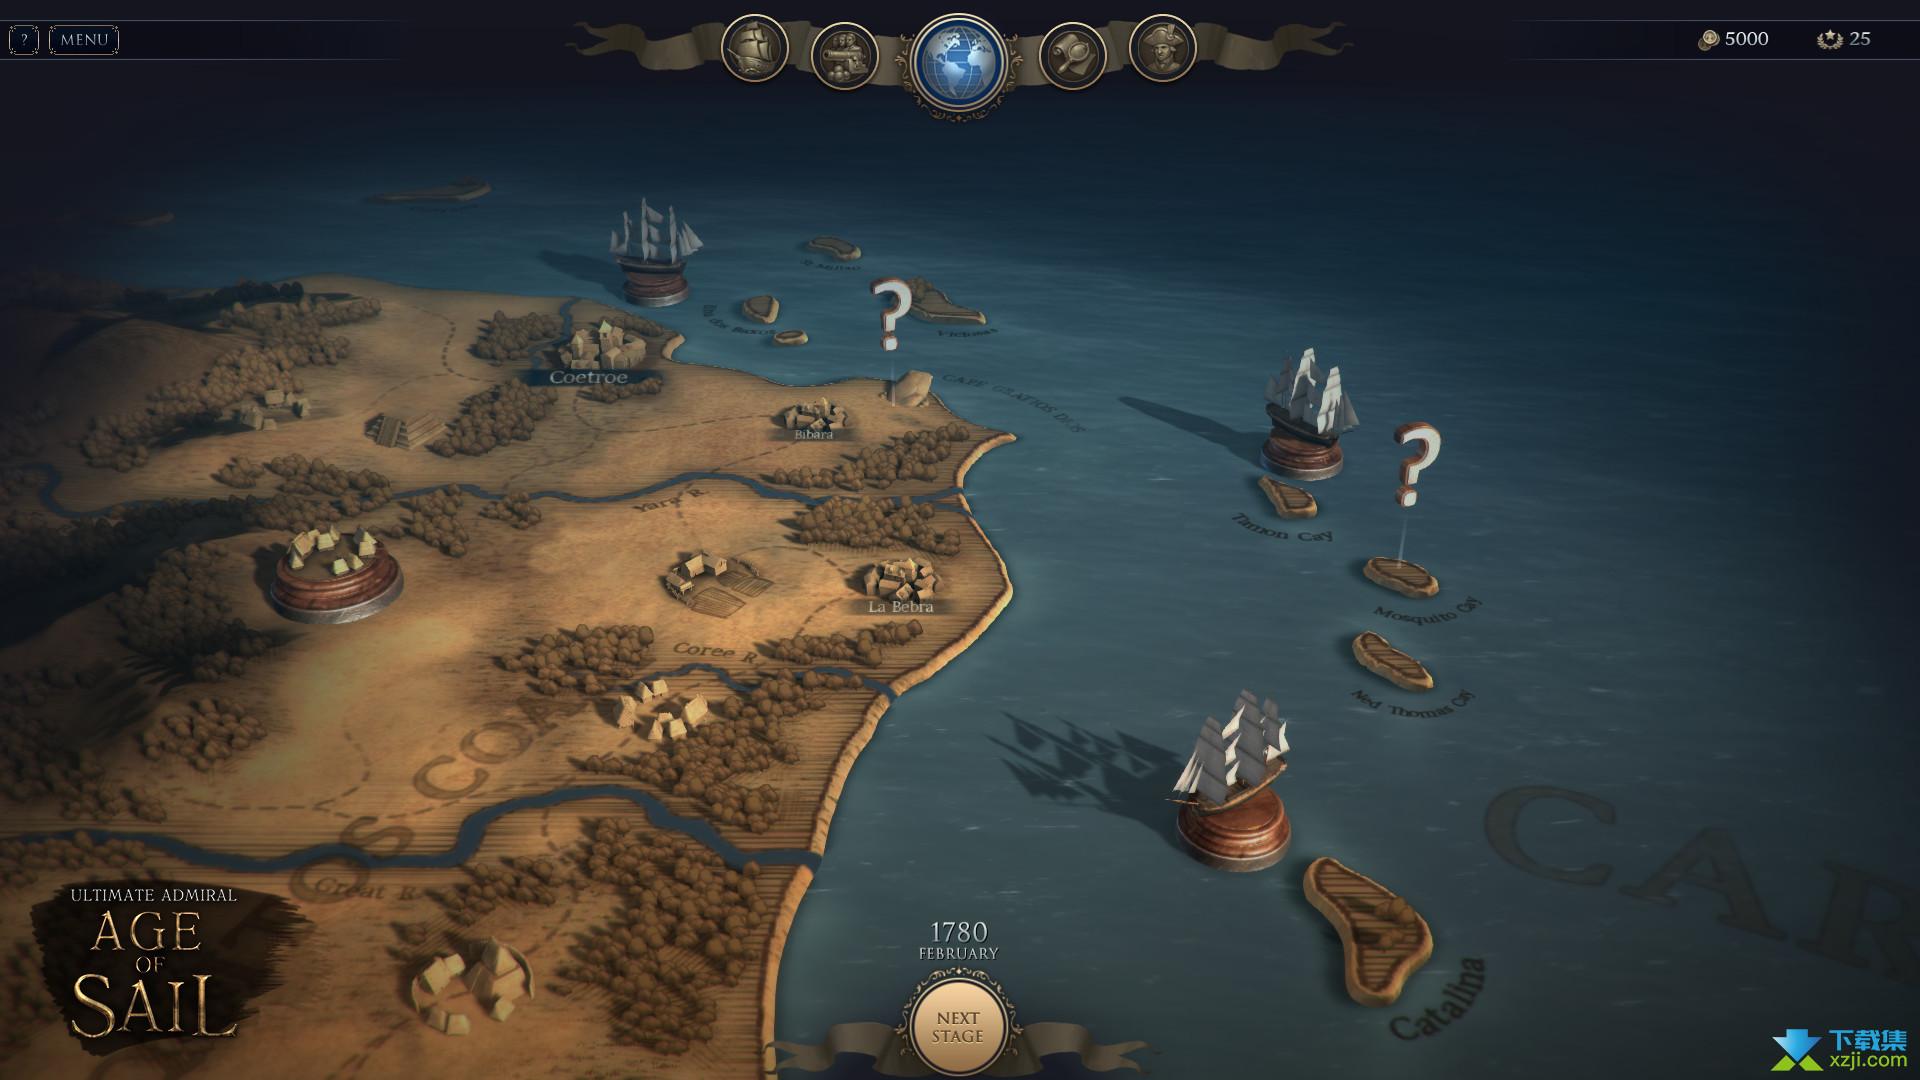 终极提督航海时代界面2